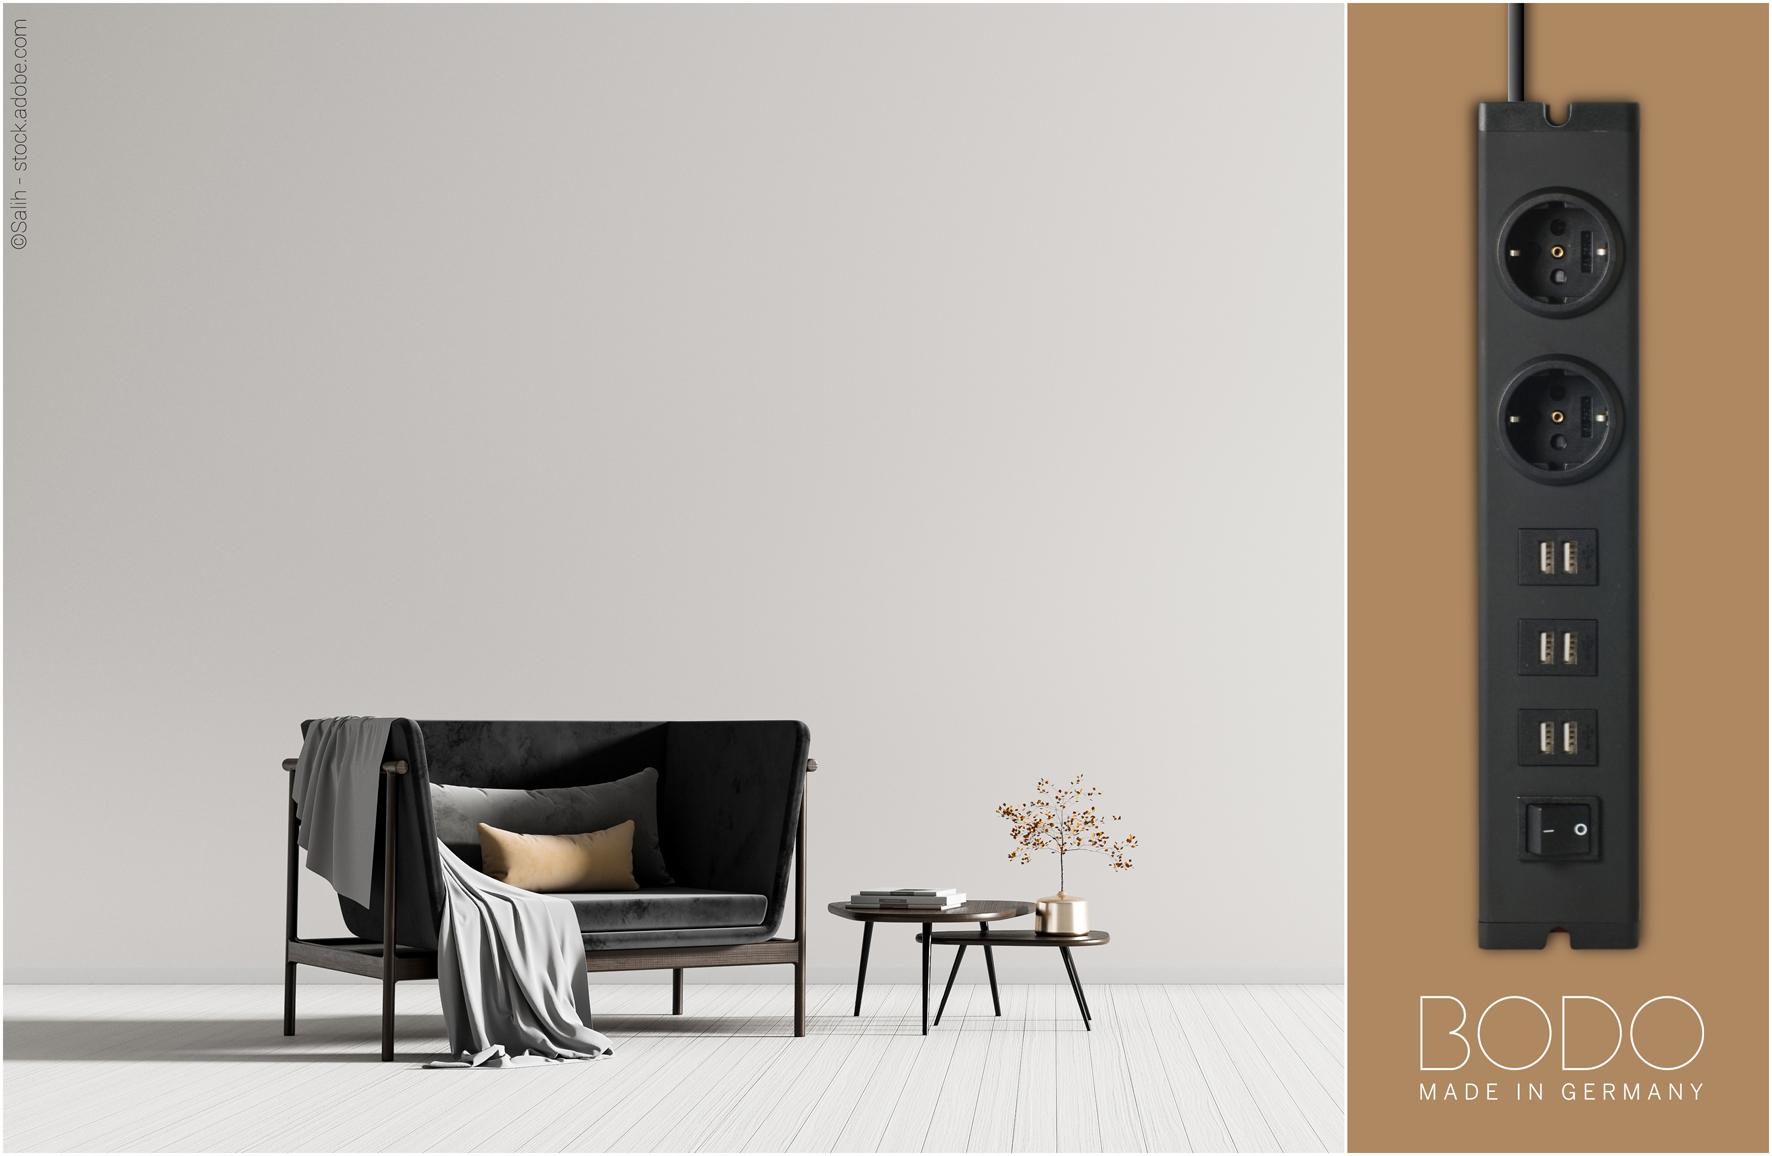 BODO - Design Steckdosenleiste black elegance